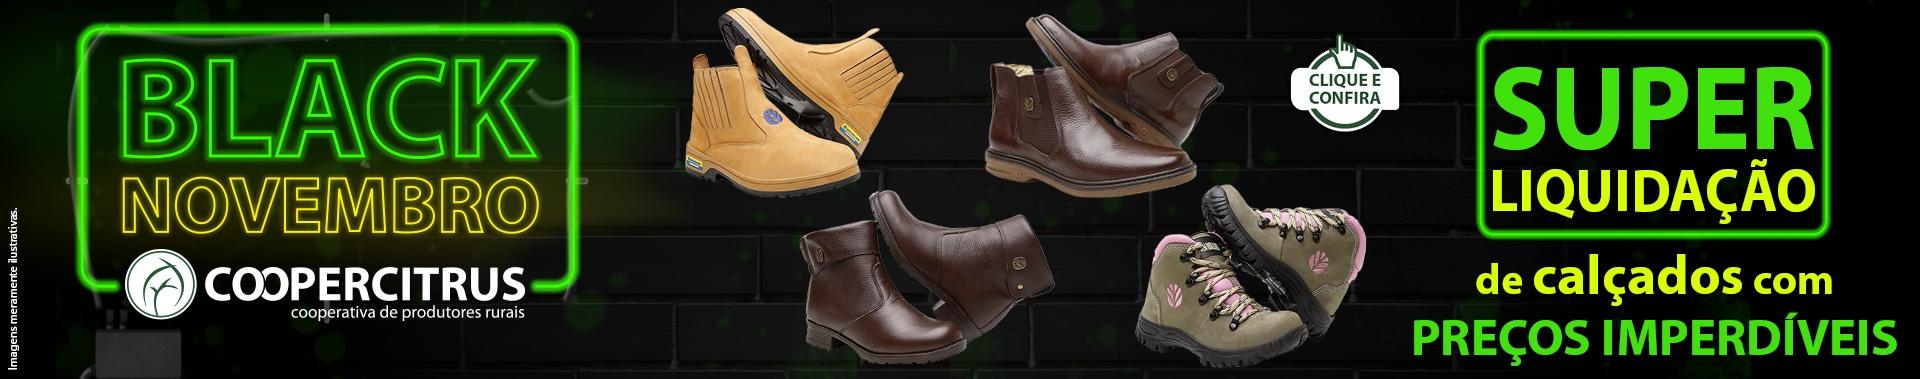 Black November! Super liquidação de calçados com preços imperdíveis!